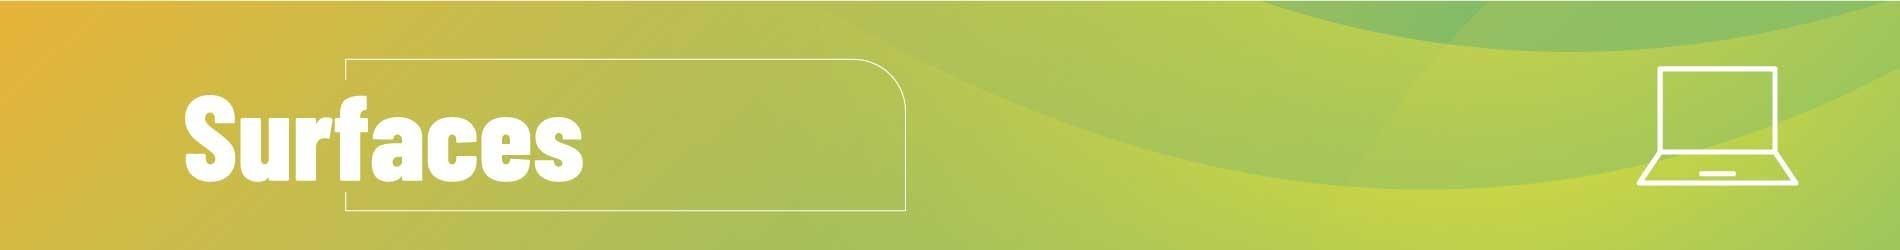 Compra Surface Reacondicionada con descuento de hasta un 60%